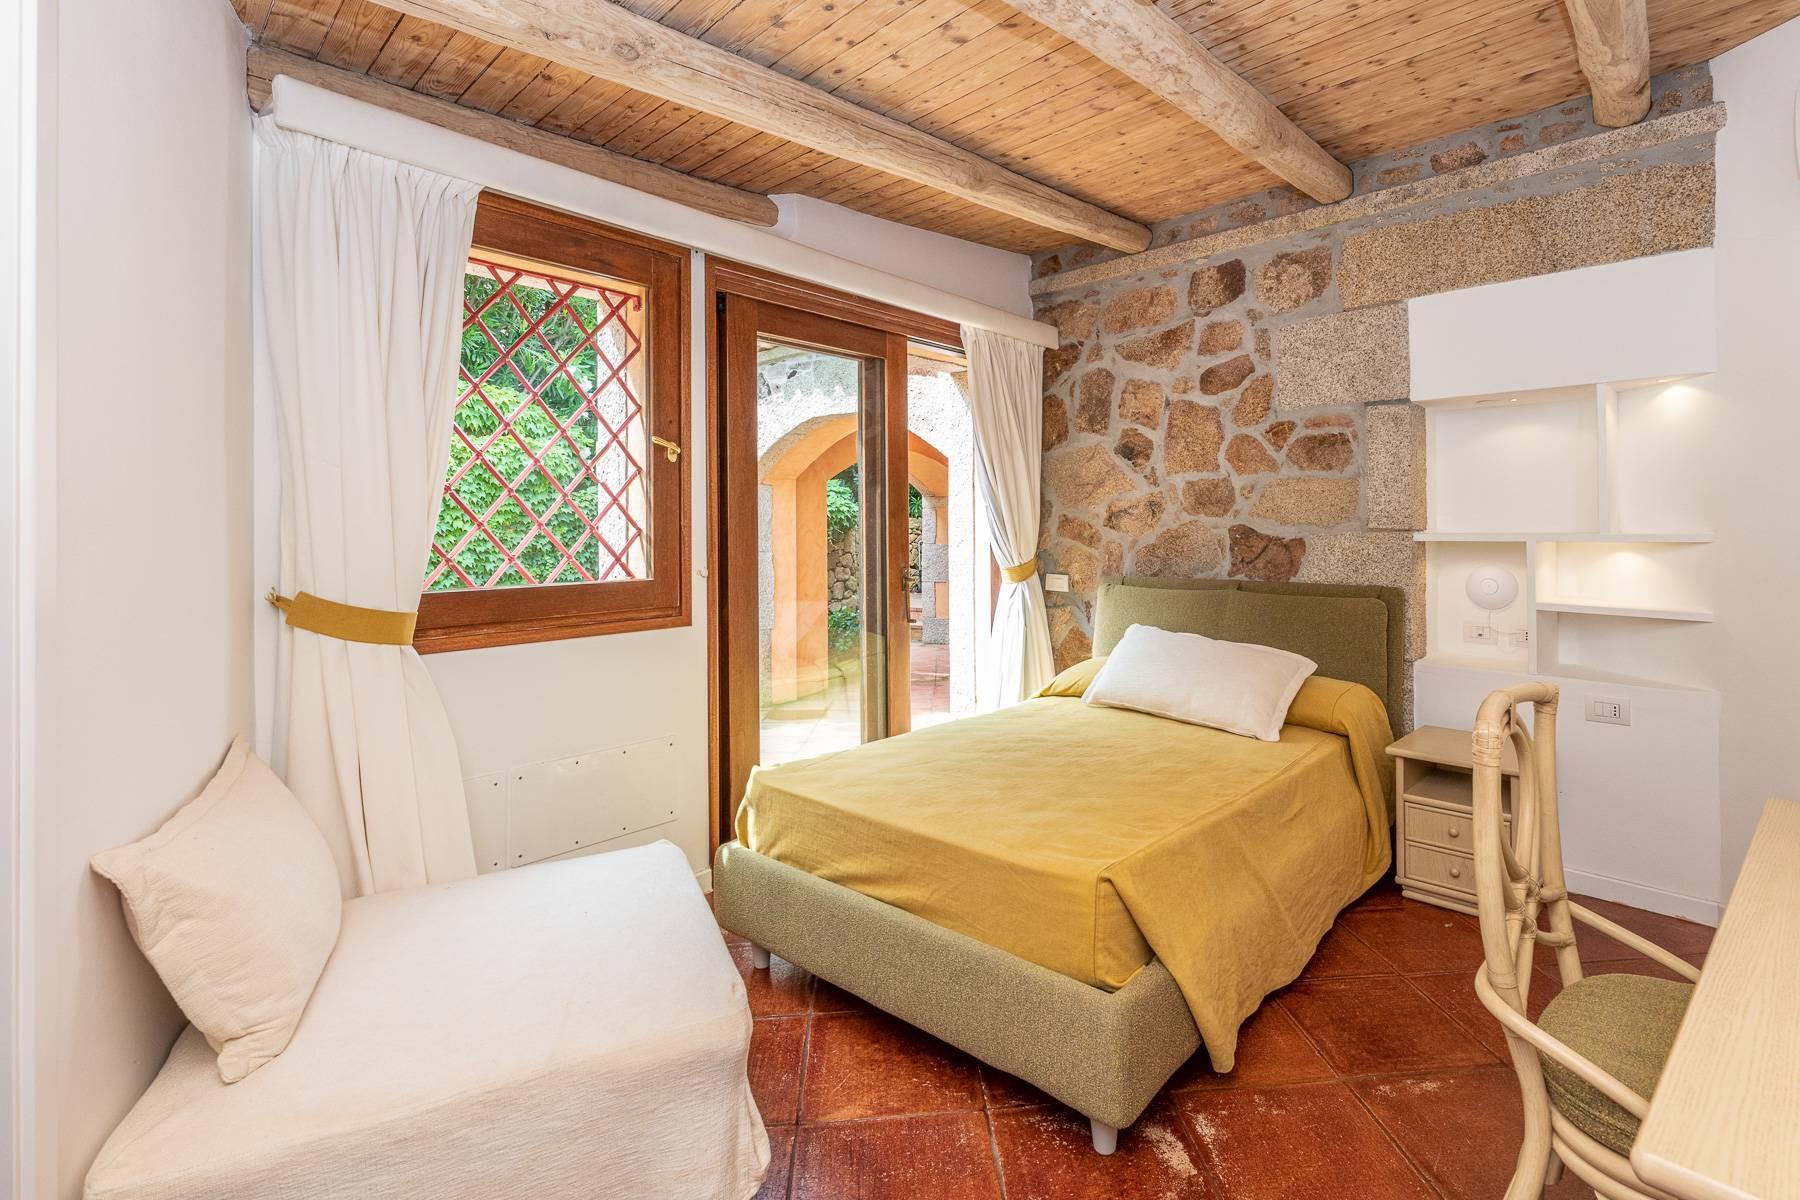 Importante villa indipendente con un impareggiabile panorama, nel cuore di Porto Cervo. - 22